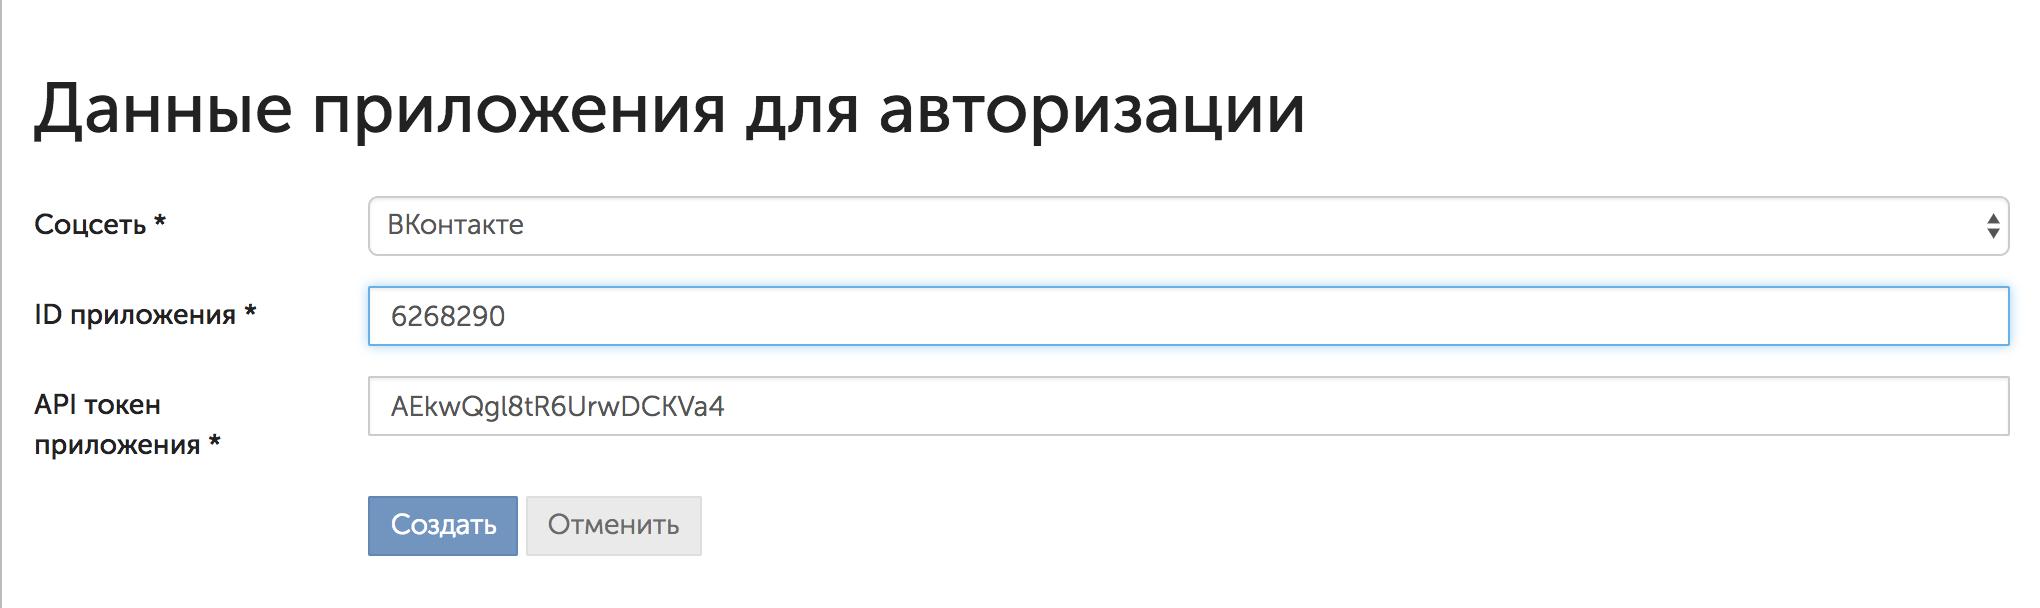 Данные приложения ВК в БО